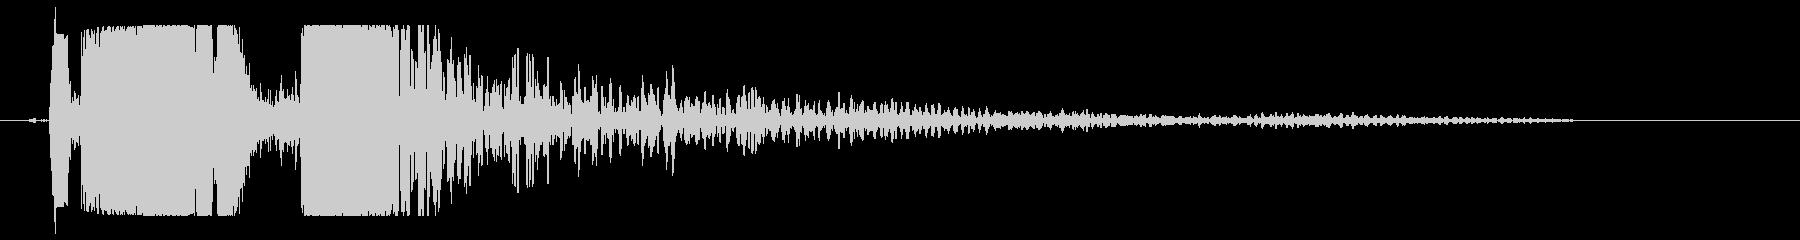 チュド〜ン(発射音)の未再生の波形